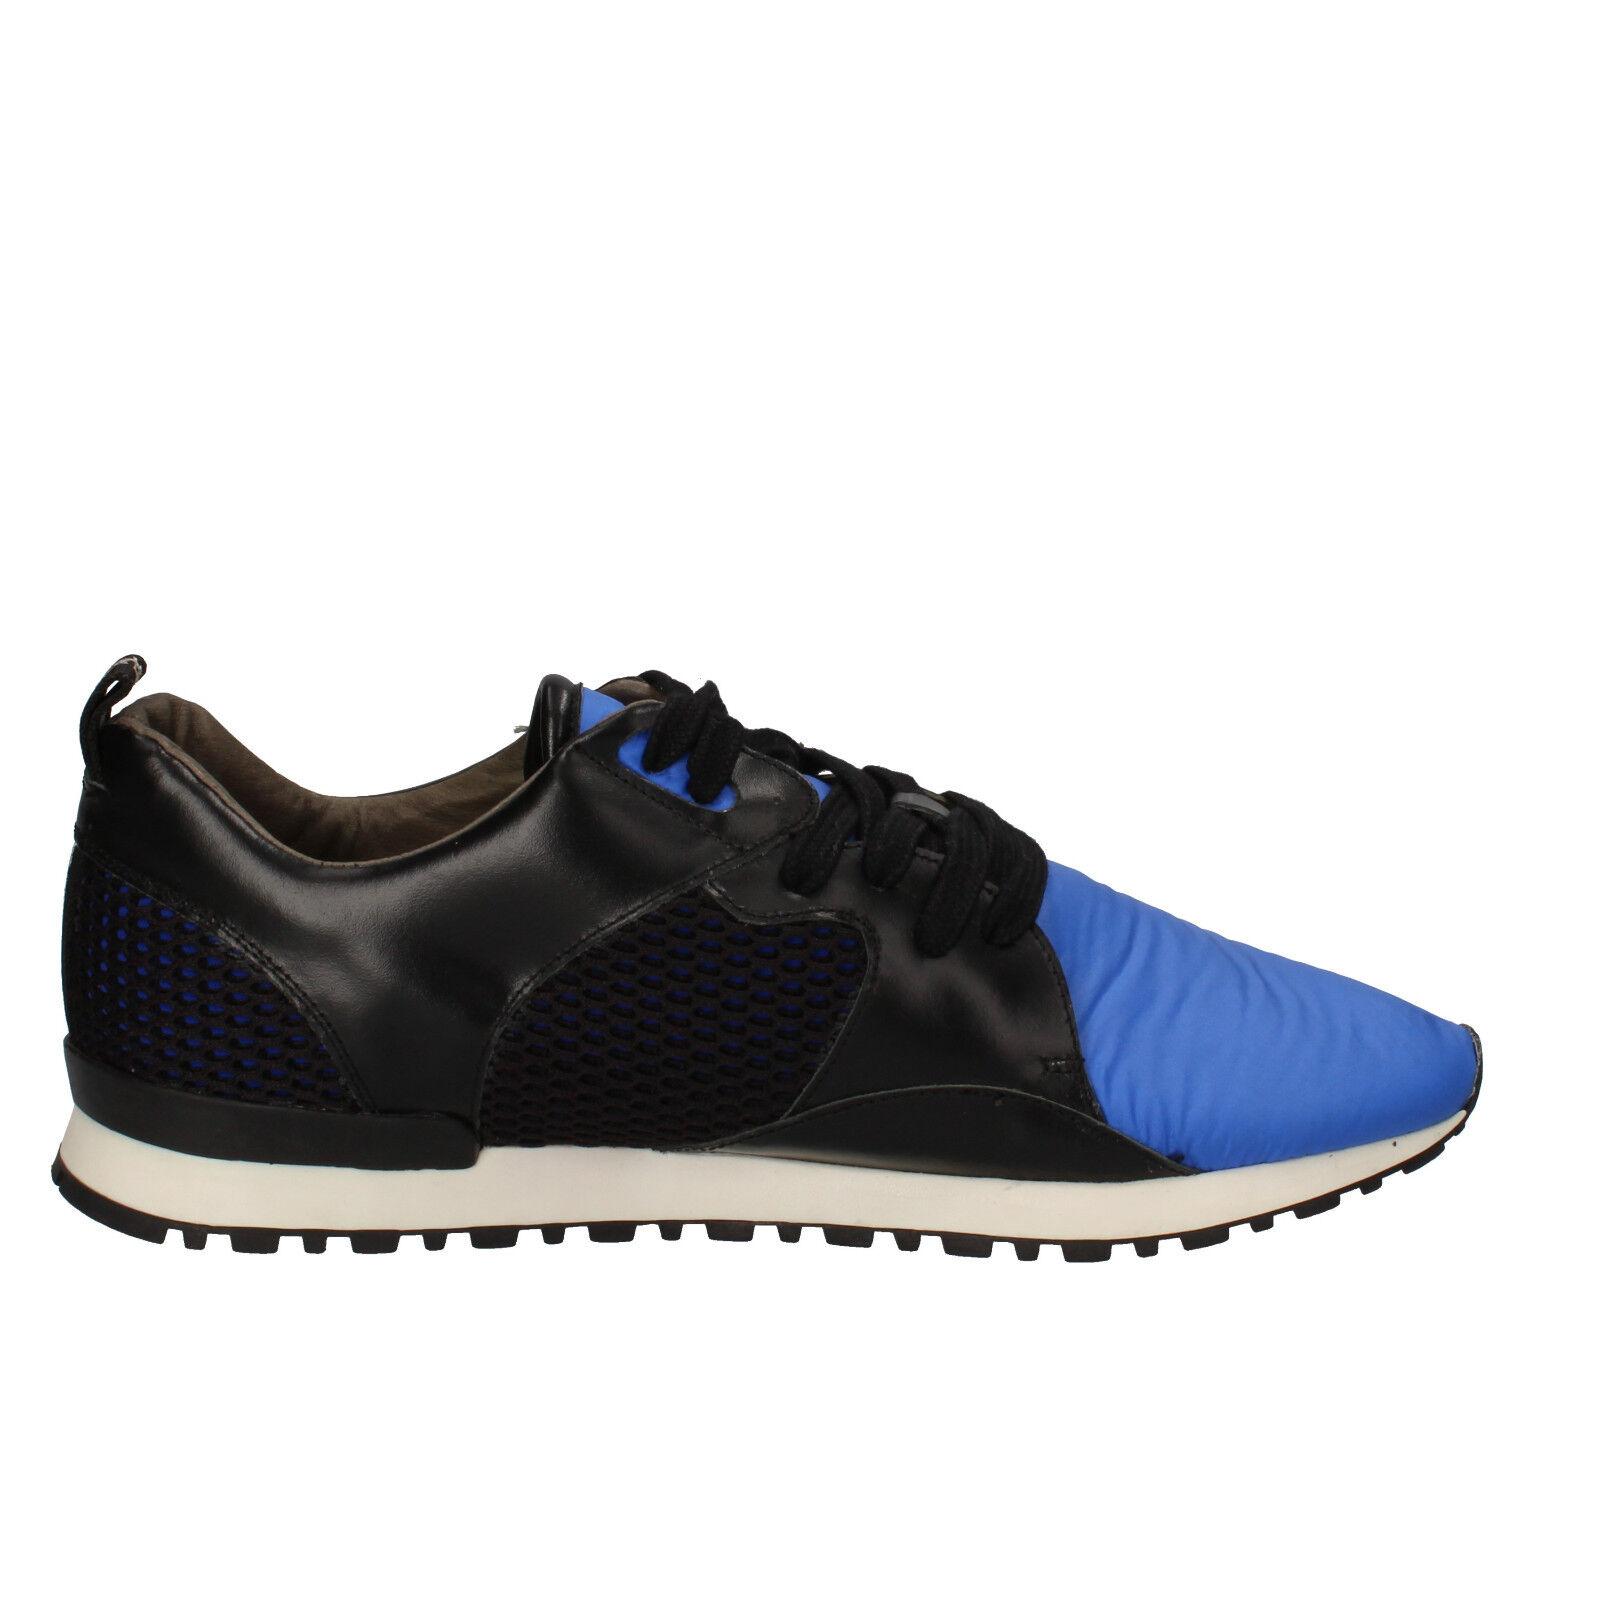 Uomo schuhe D.A.T.E. (date) 10 (EU Leder 44) Turnschuhe schwarz Blau Leder (EU AE534-44 e10041